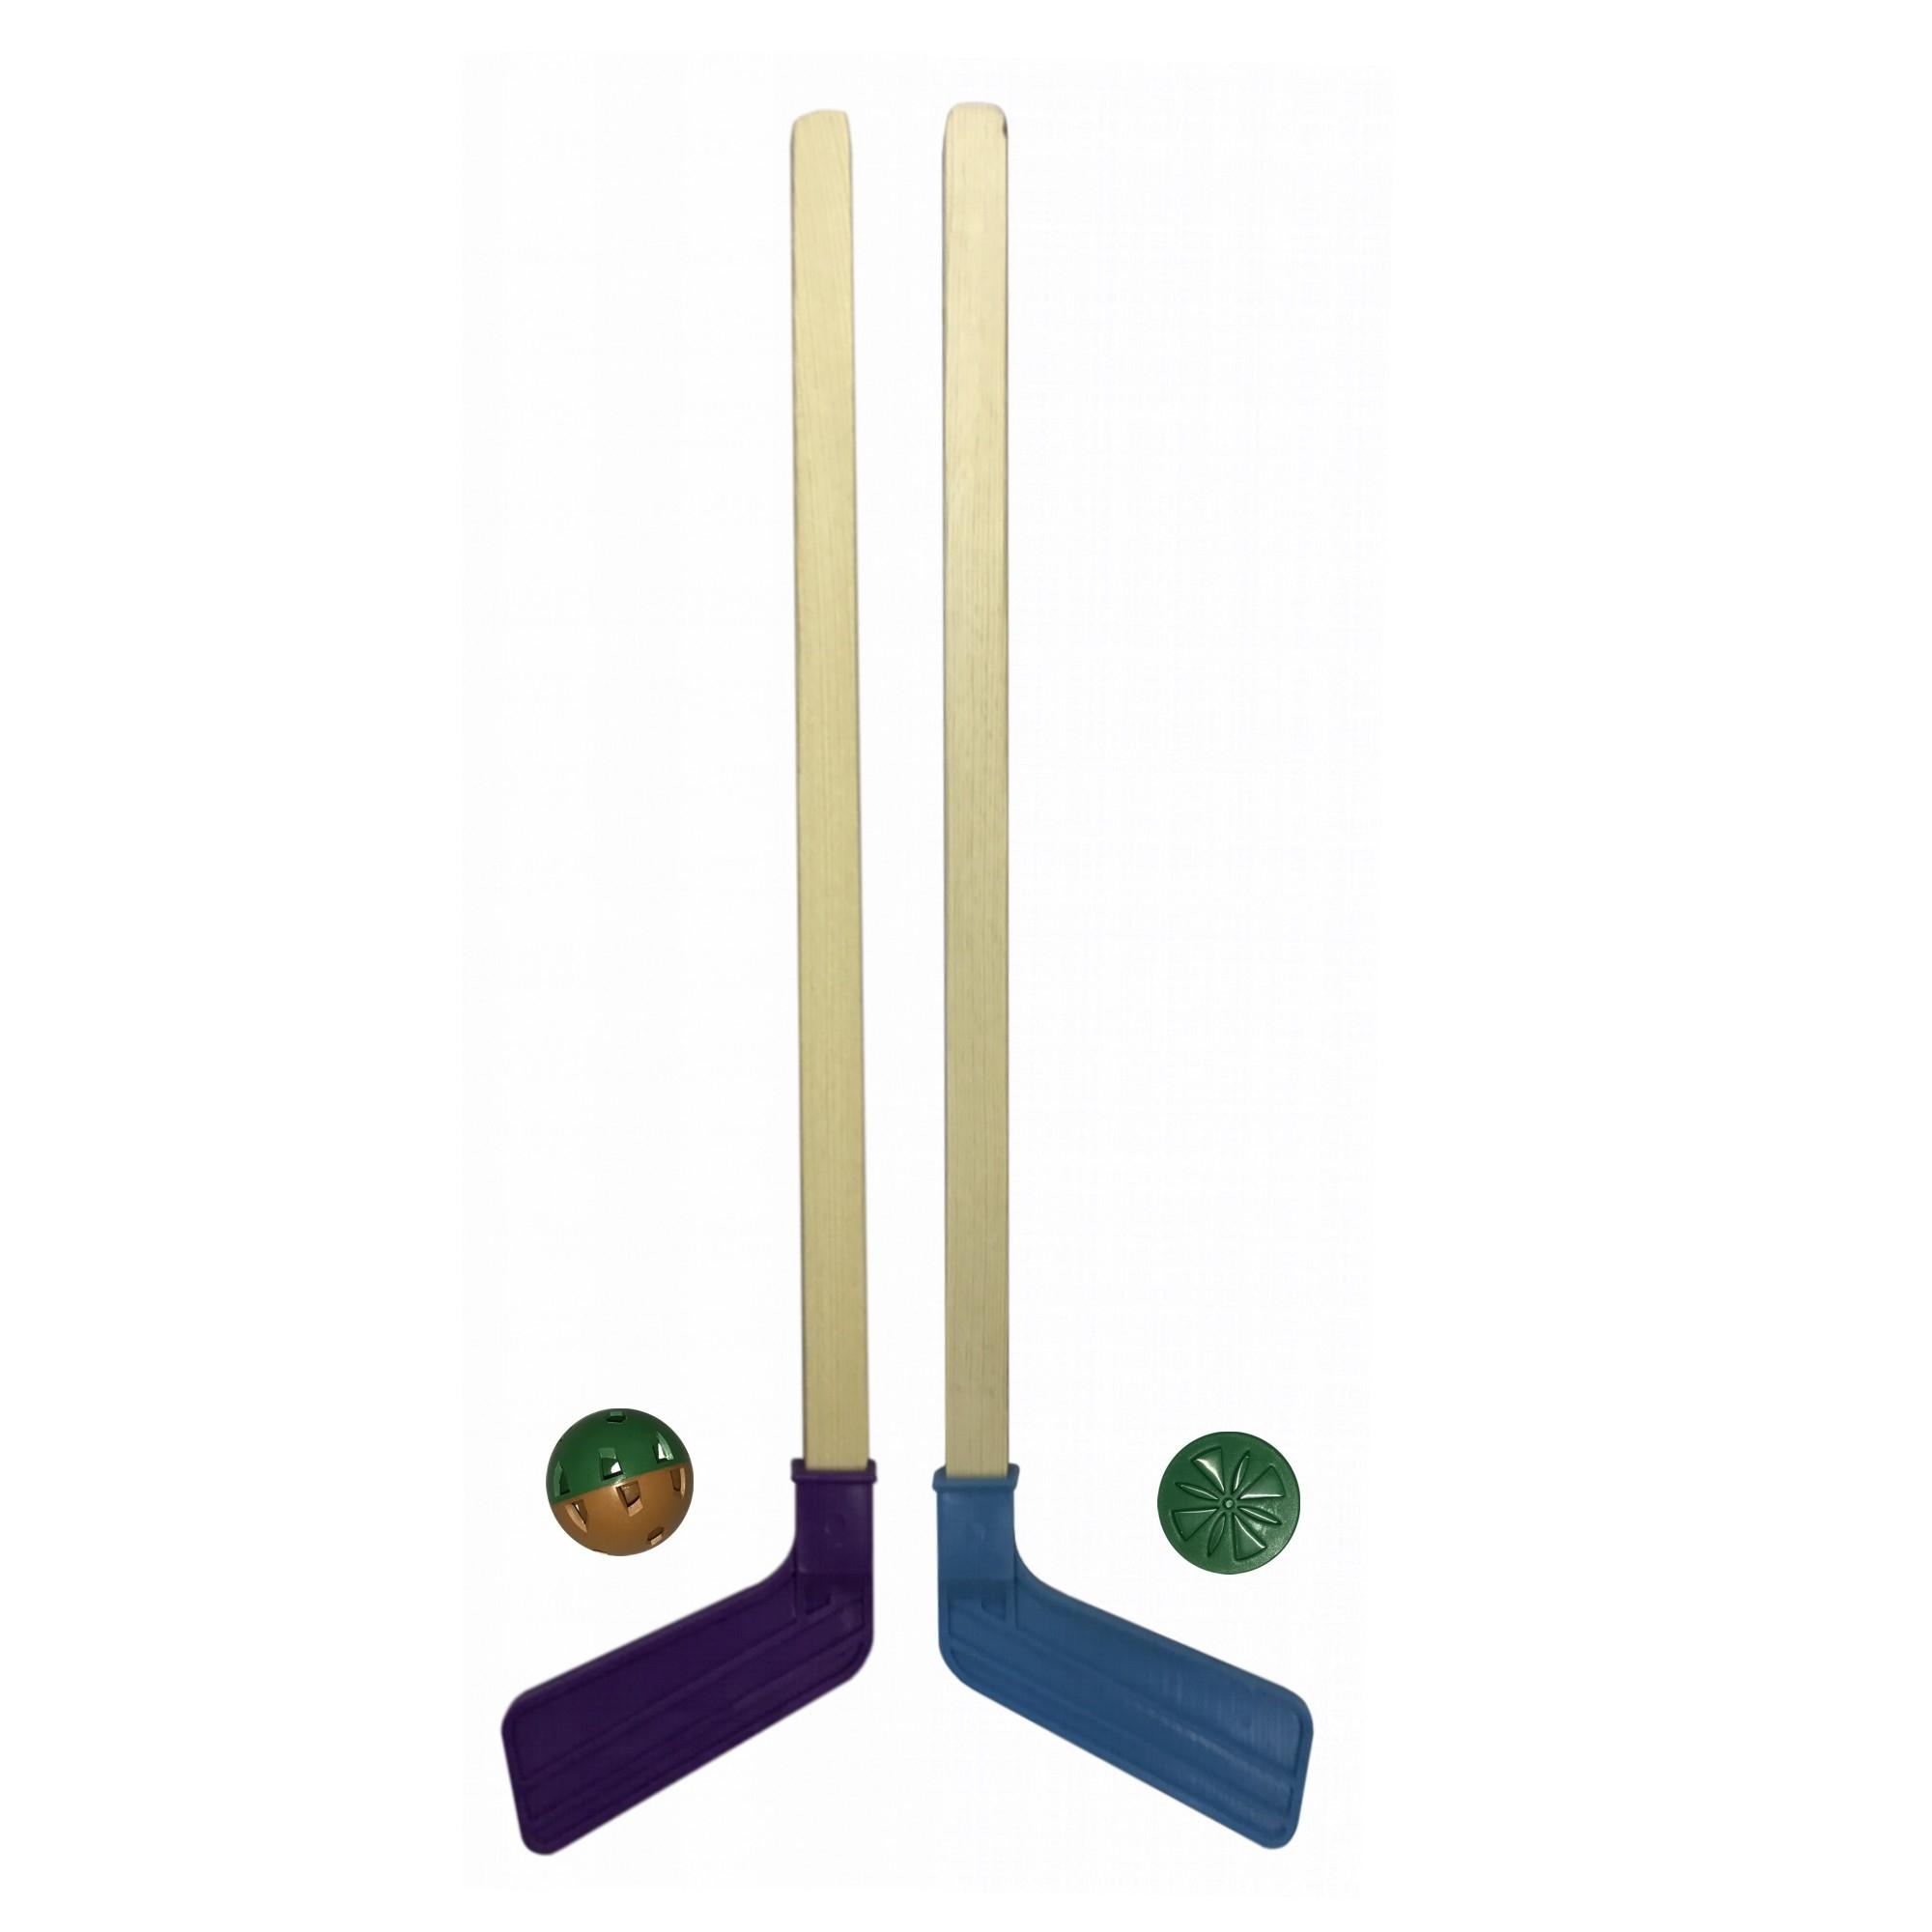 Активные игры ASE-SPORT Игровой набор для хоккея Ase-Sport 2 клюшки, шайба, мячик в асс. шайба для хоккея на льду